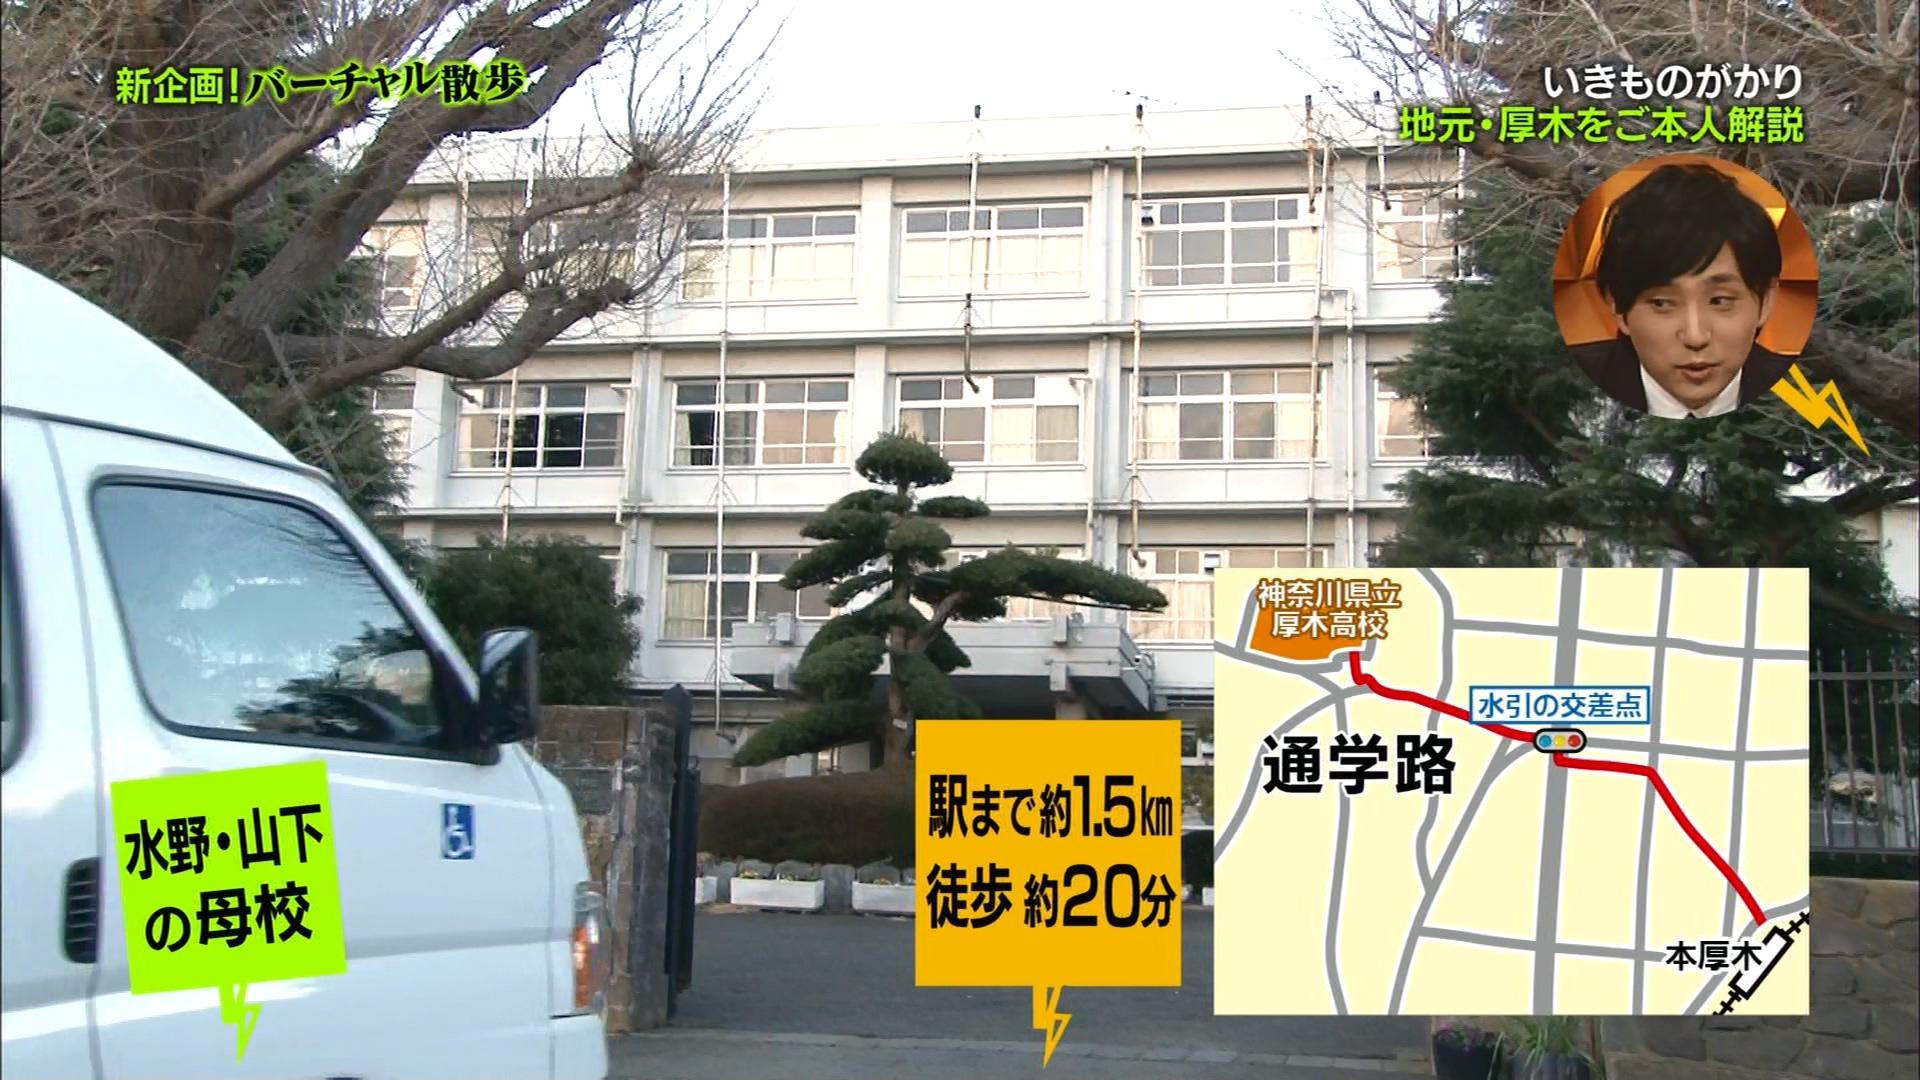 2016.03.11 全場(バズリズム).ts_20160312_013840.608